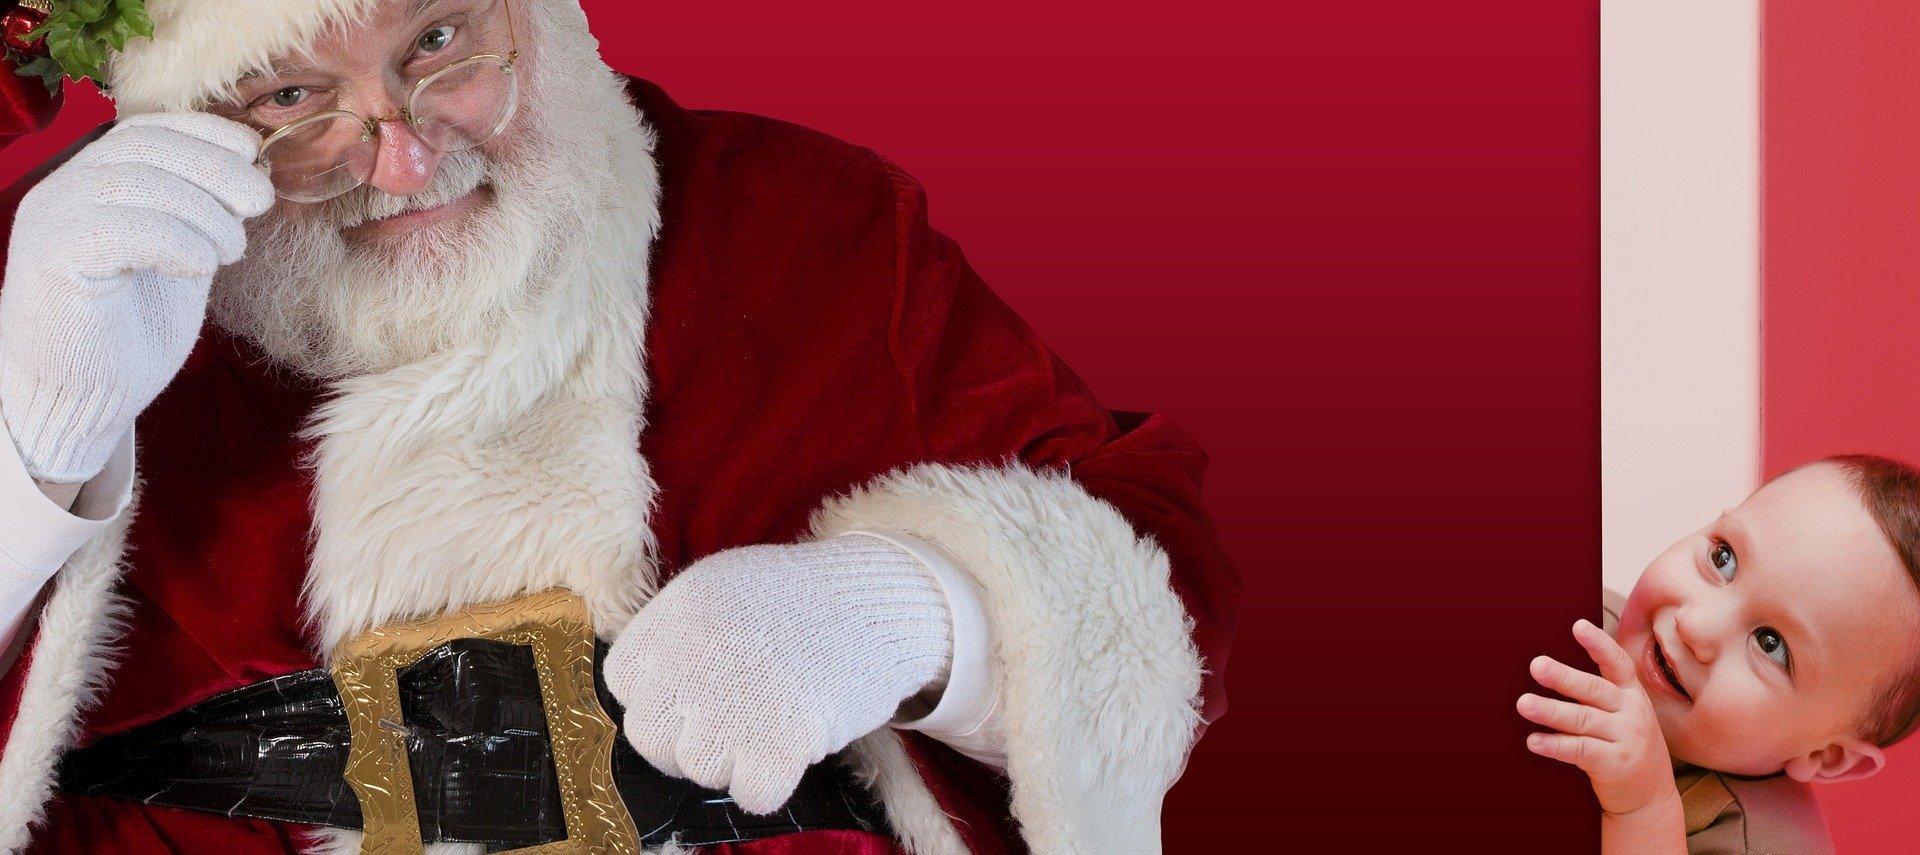 Piosenka świąteczna dzyń dzyń dzyń Mikołaju Święty